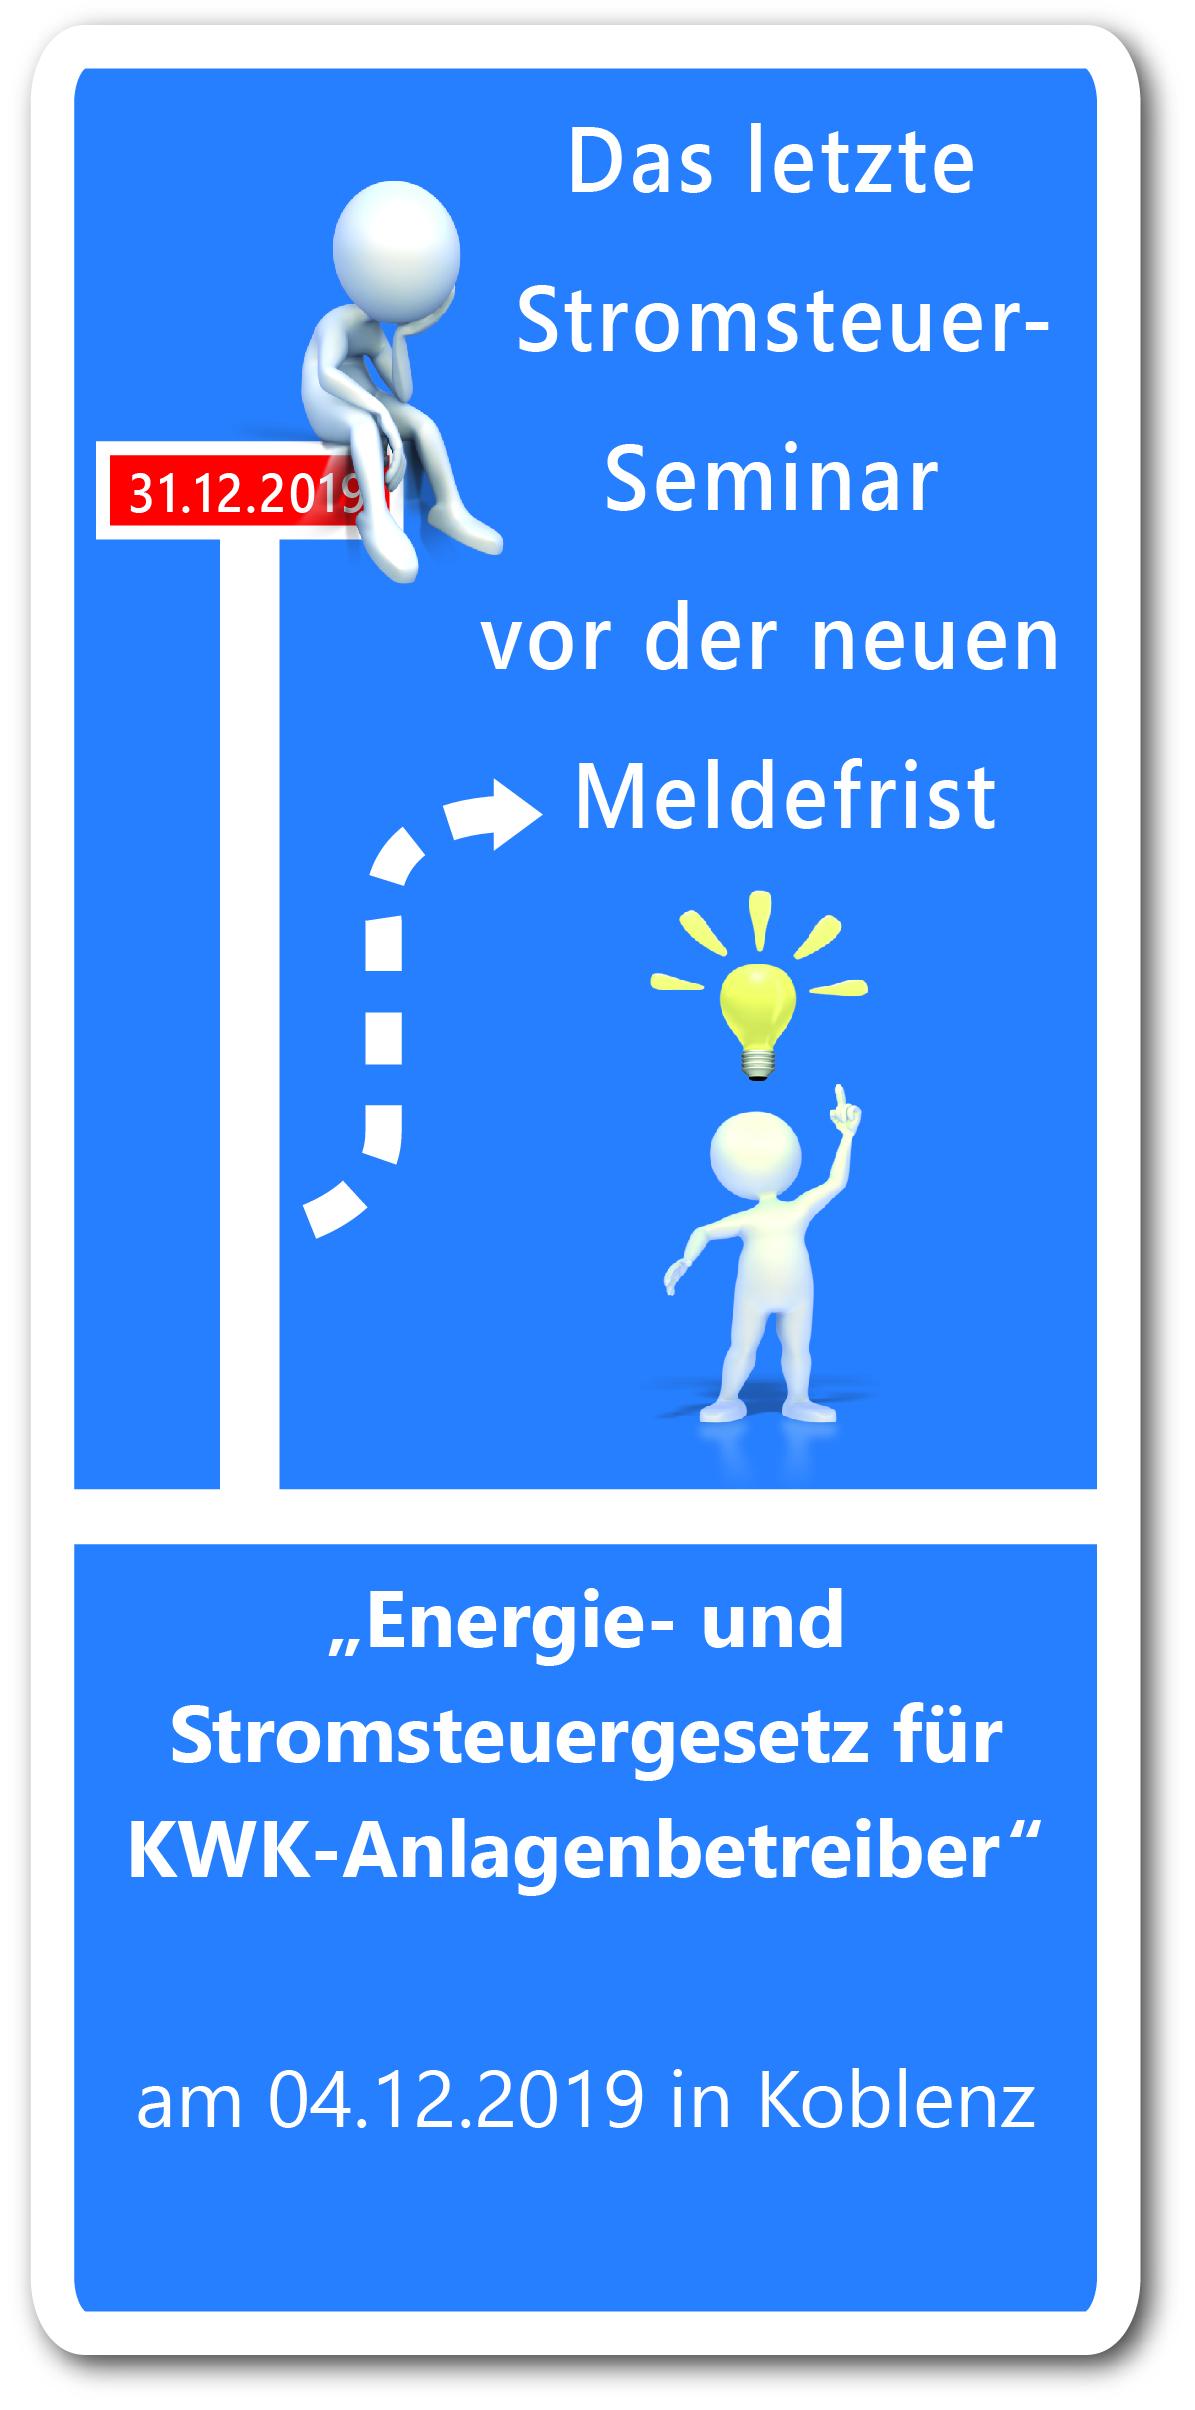 Energie- und Stromsteuergesetz f�r KWK-Anlagenbetreiber